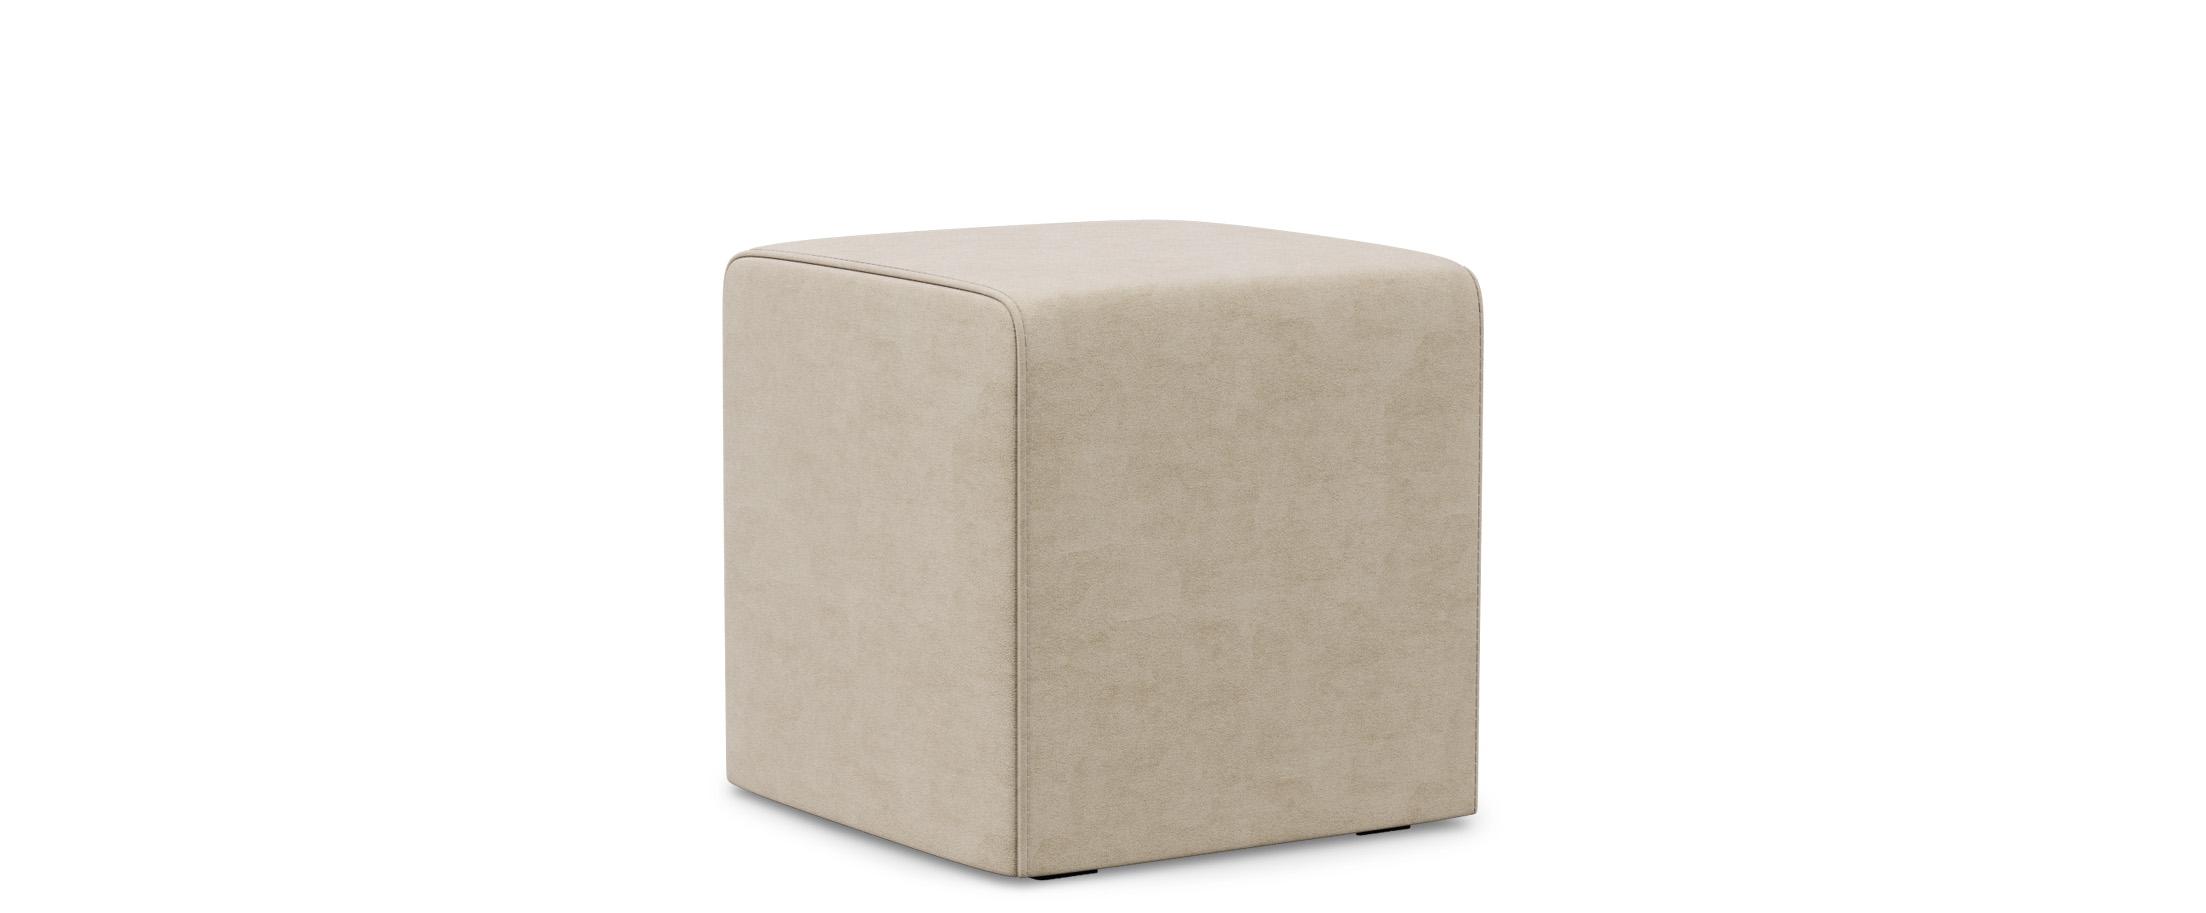 Пуф кубКупить квадратный пуф из велюра Модель 010 от производителя. Доставка от 1 дня. Гарантия 18 месяцев. Интернет-магазин мебели MOON TRADE.